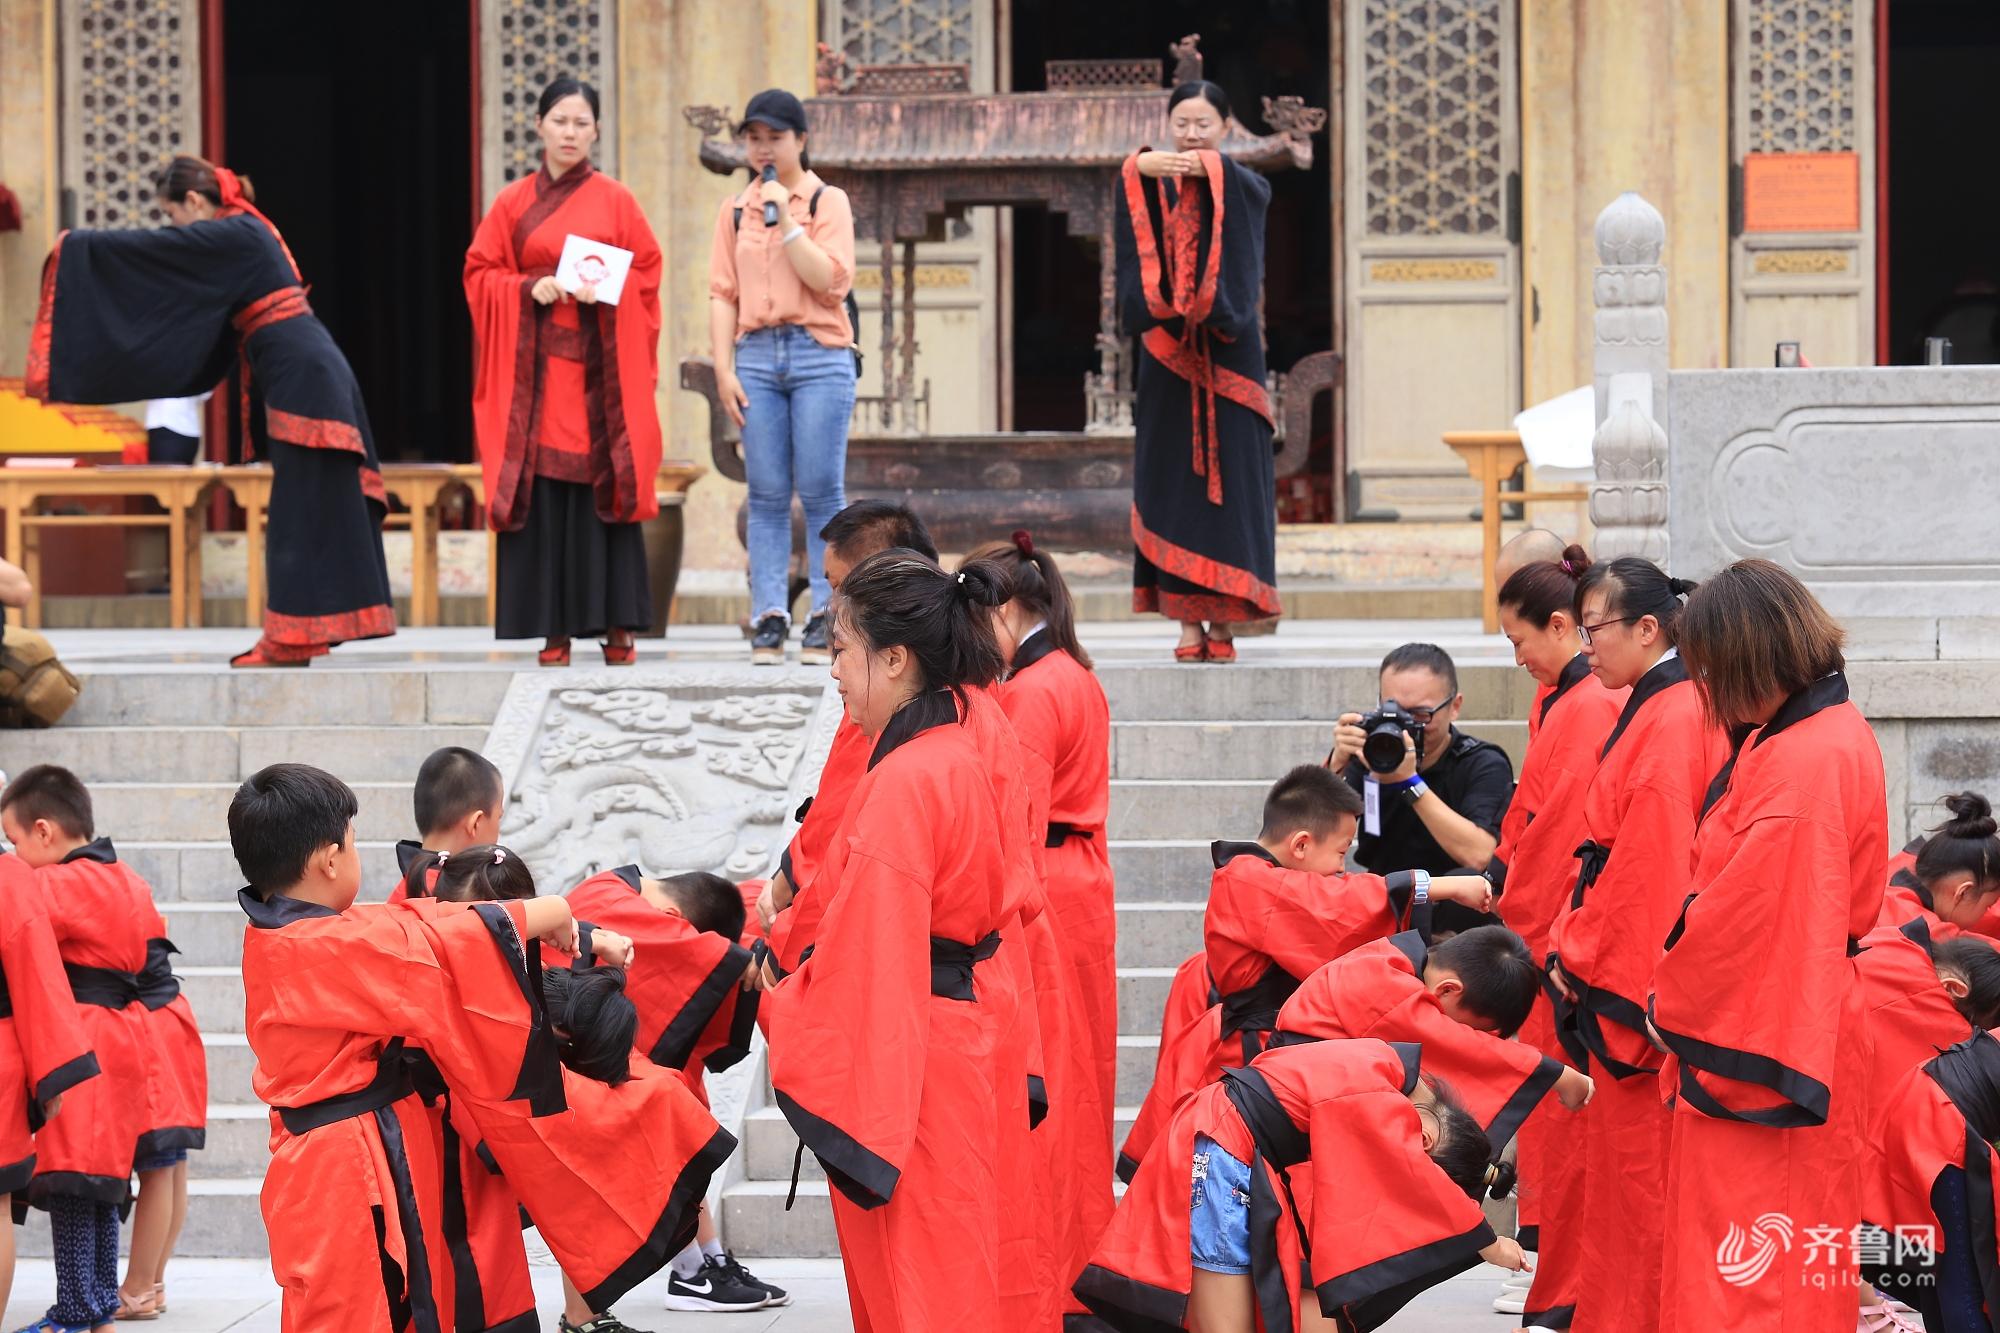 济南府学文庙举行开笔礼活动 传统文化浸润孩子内心